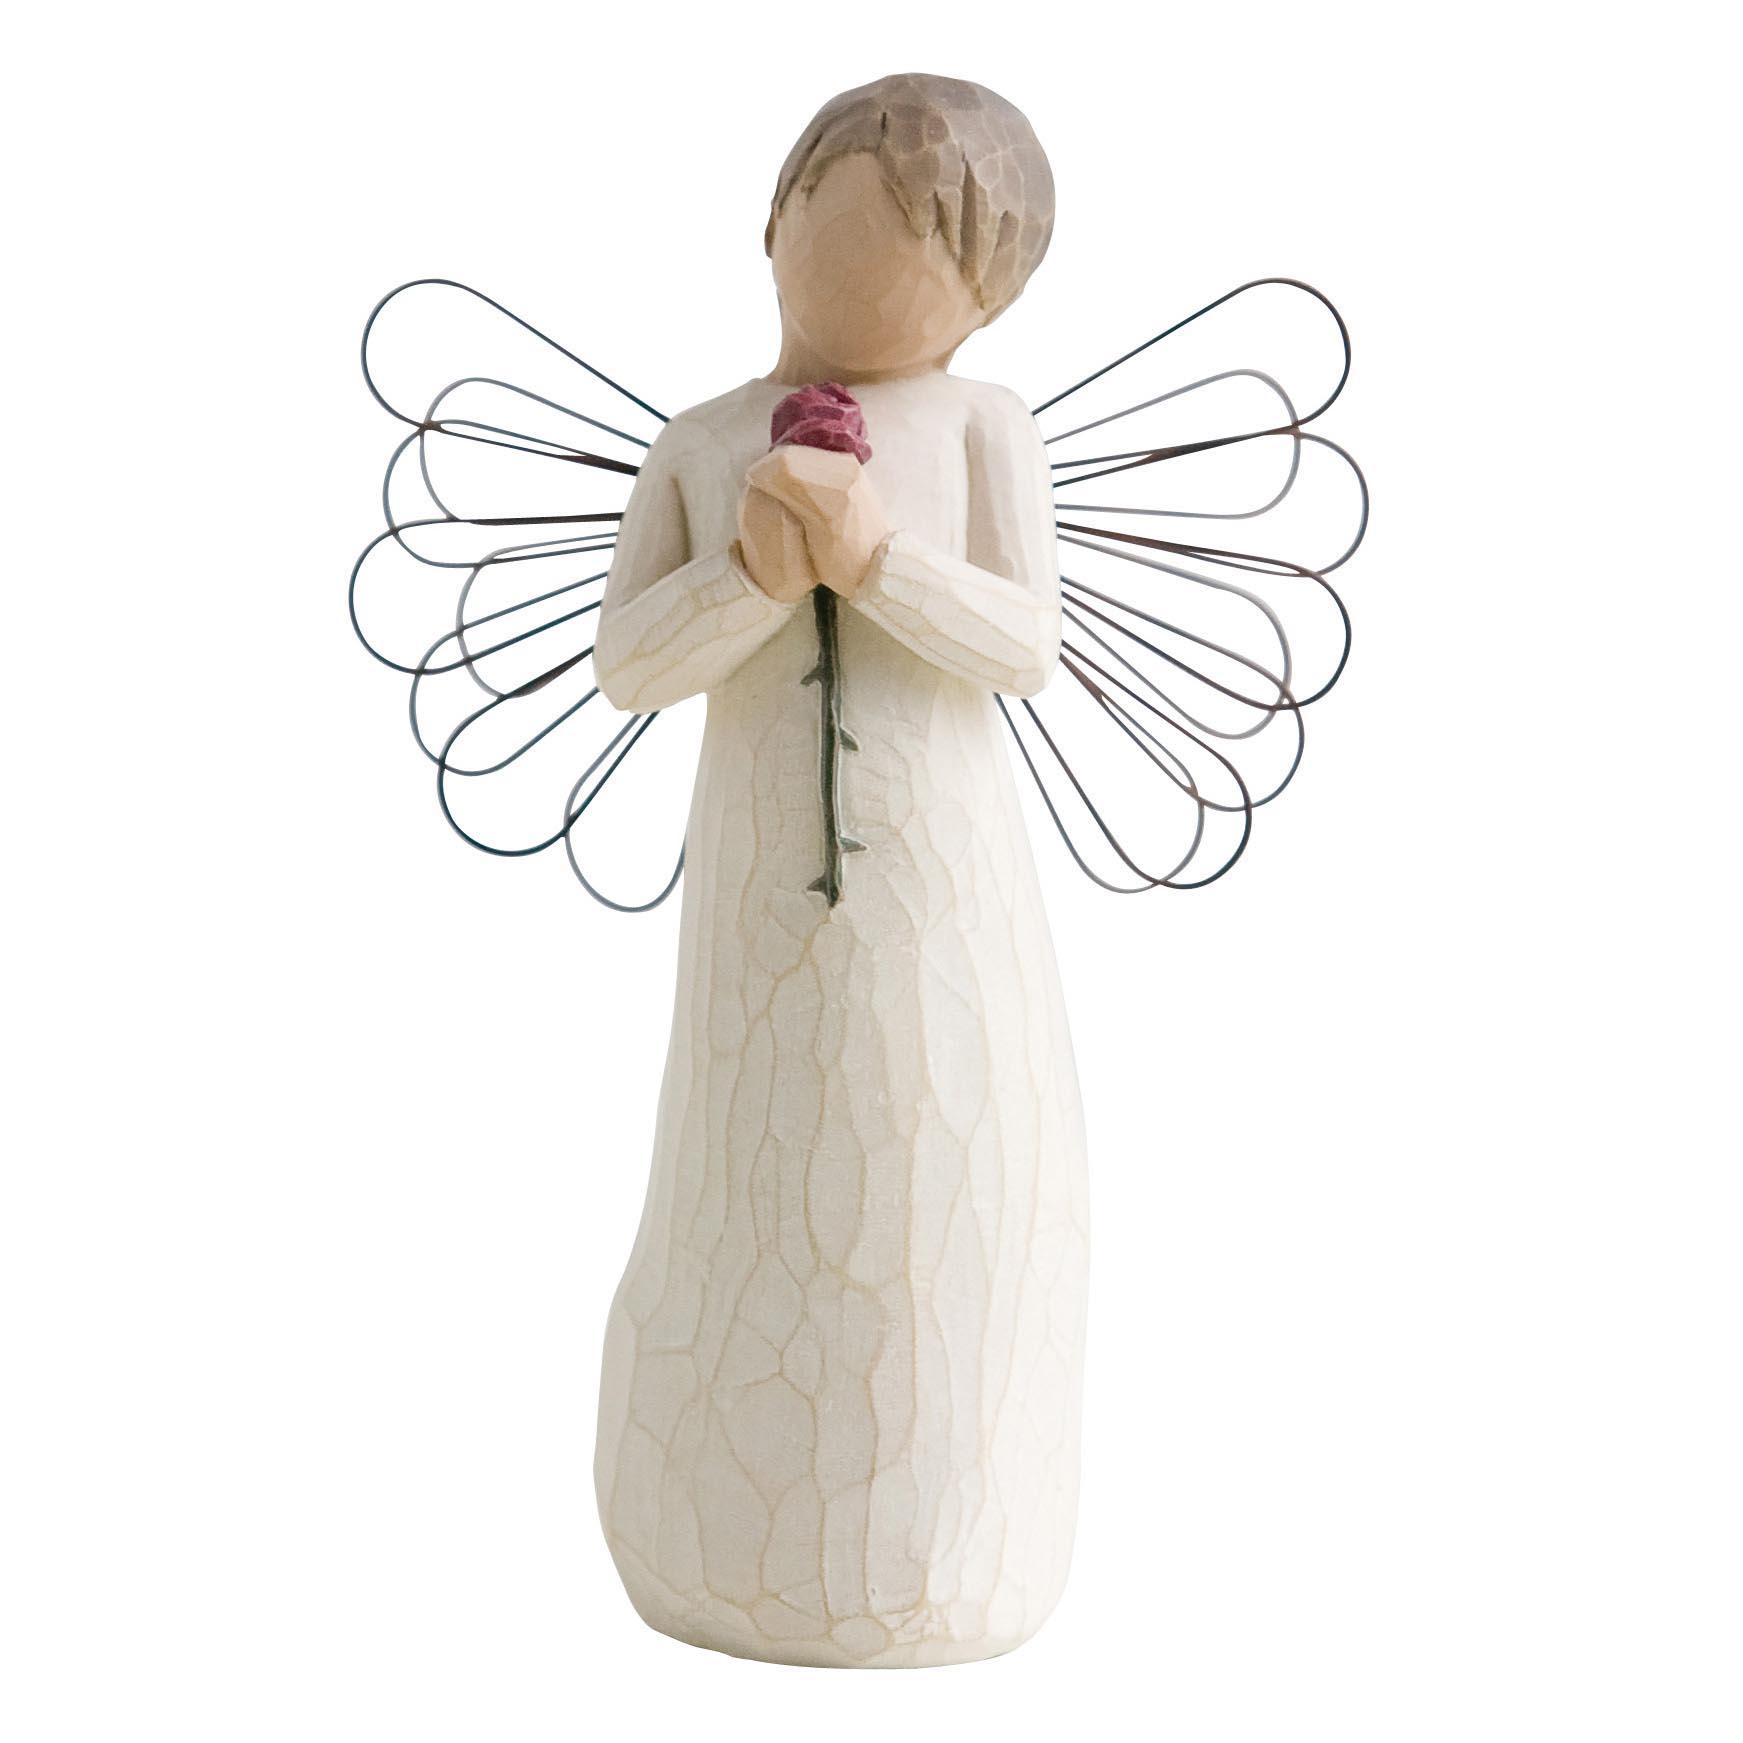 Loving angel / Engel der Liebe (26080)